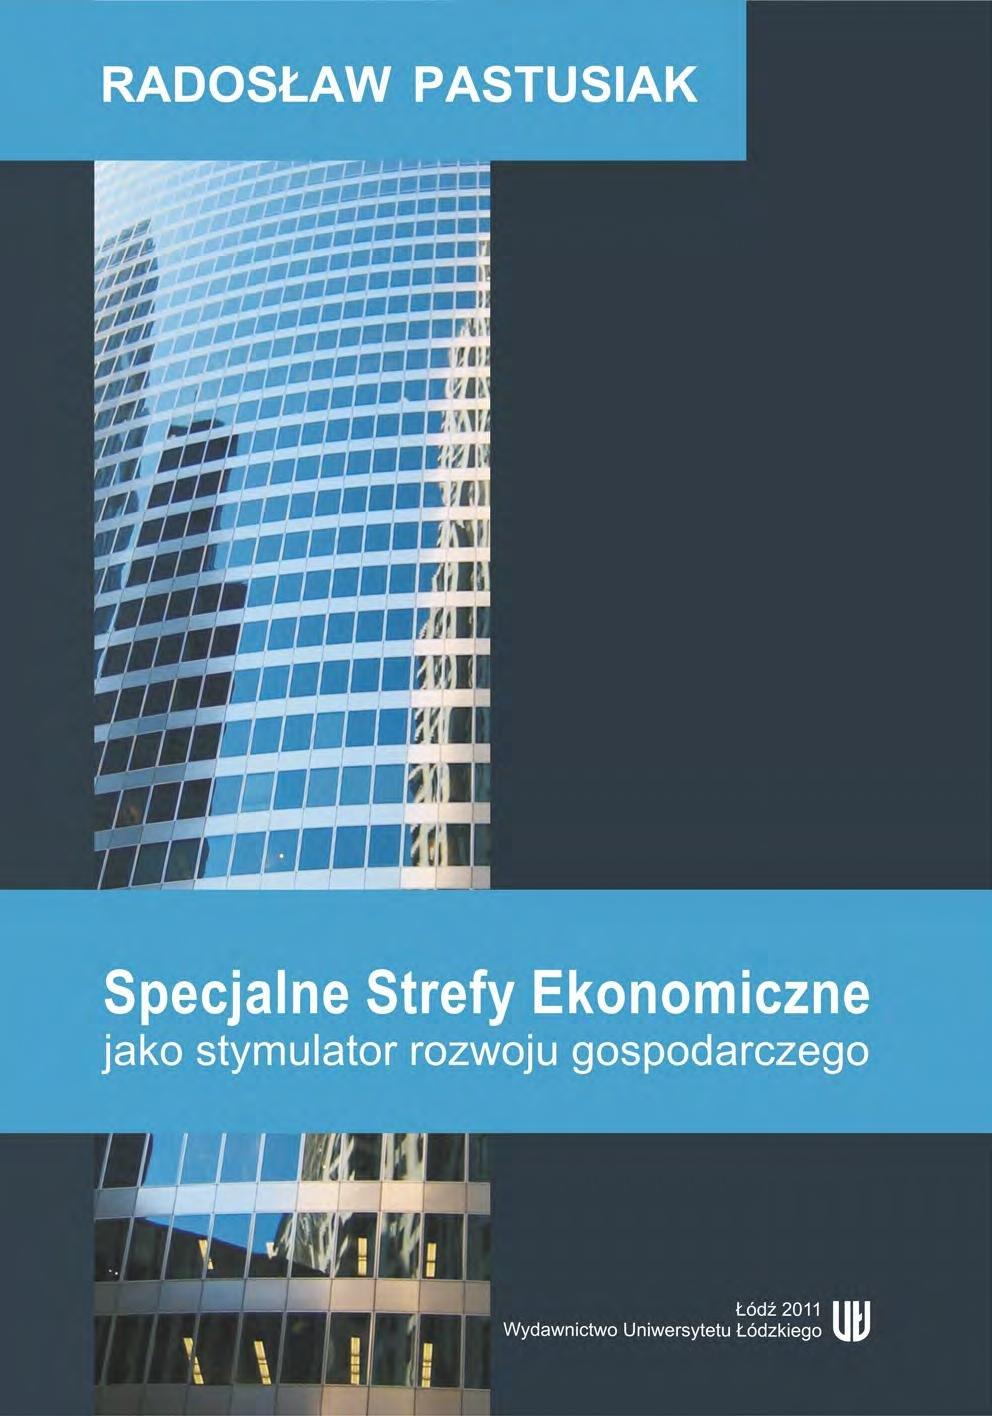 Specjalne Strefy Ekonomiczne jako stymulator rozwoju gospodarczego - Ebook (Książka PDF) do pobrania w formacie PDF